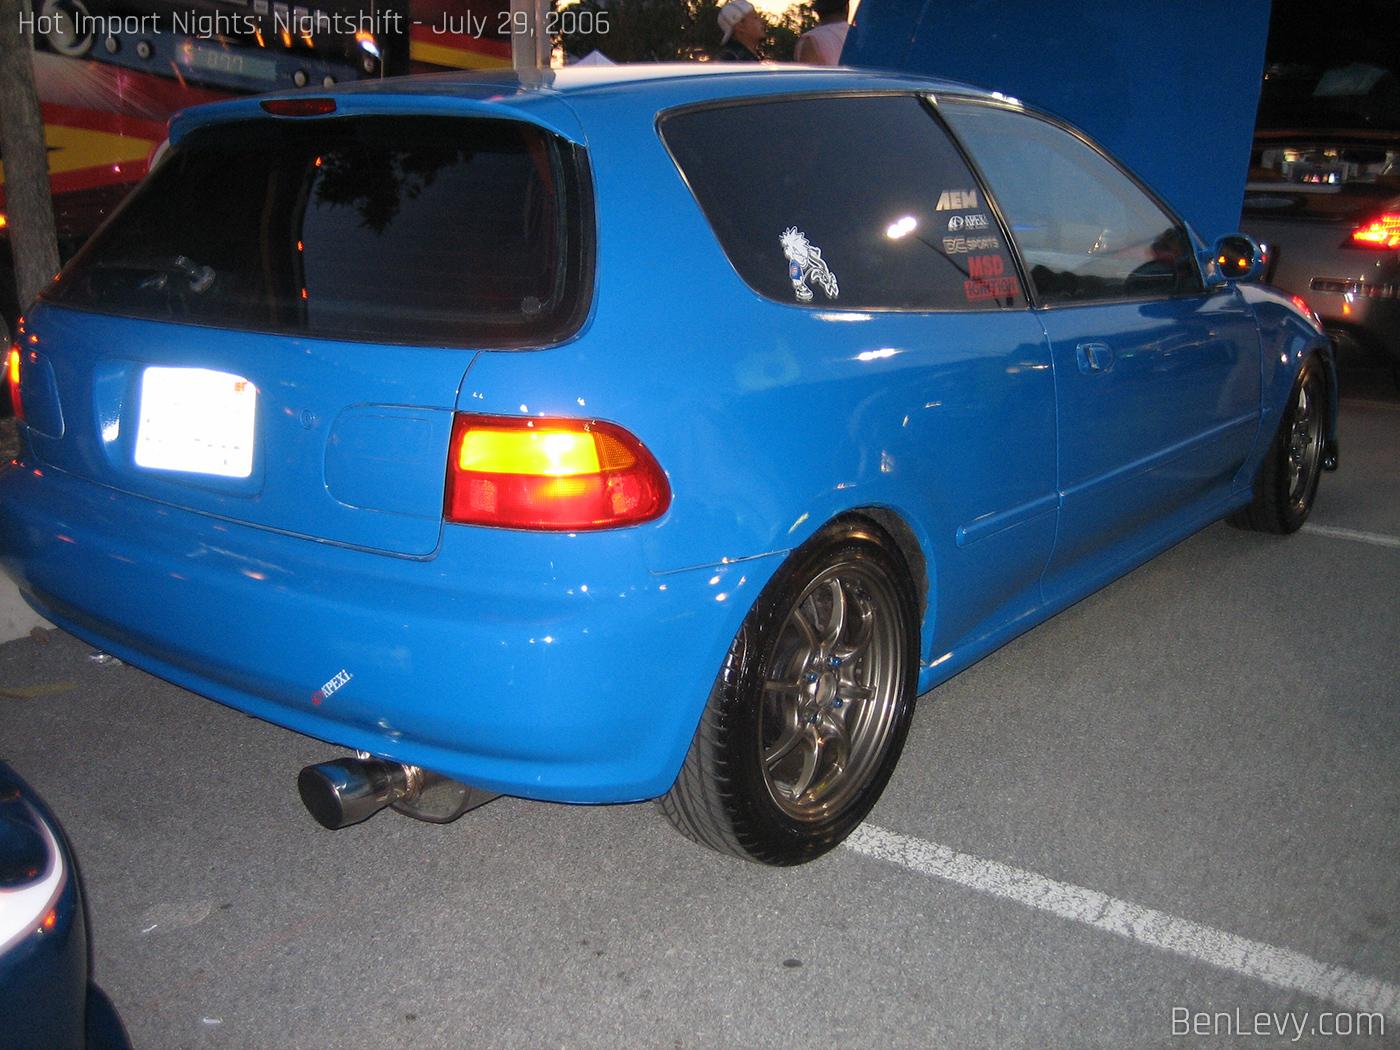 Honda Civic Hatchback Eg6. EG Honda Civic Hatchback